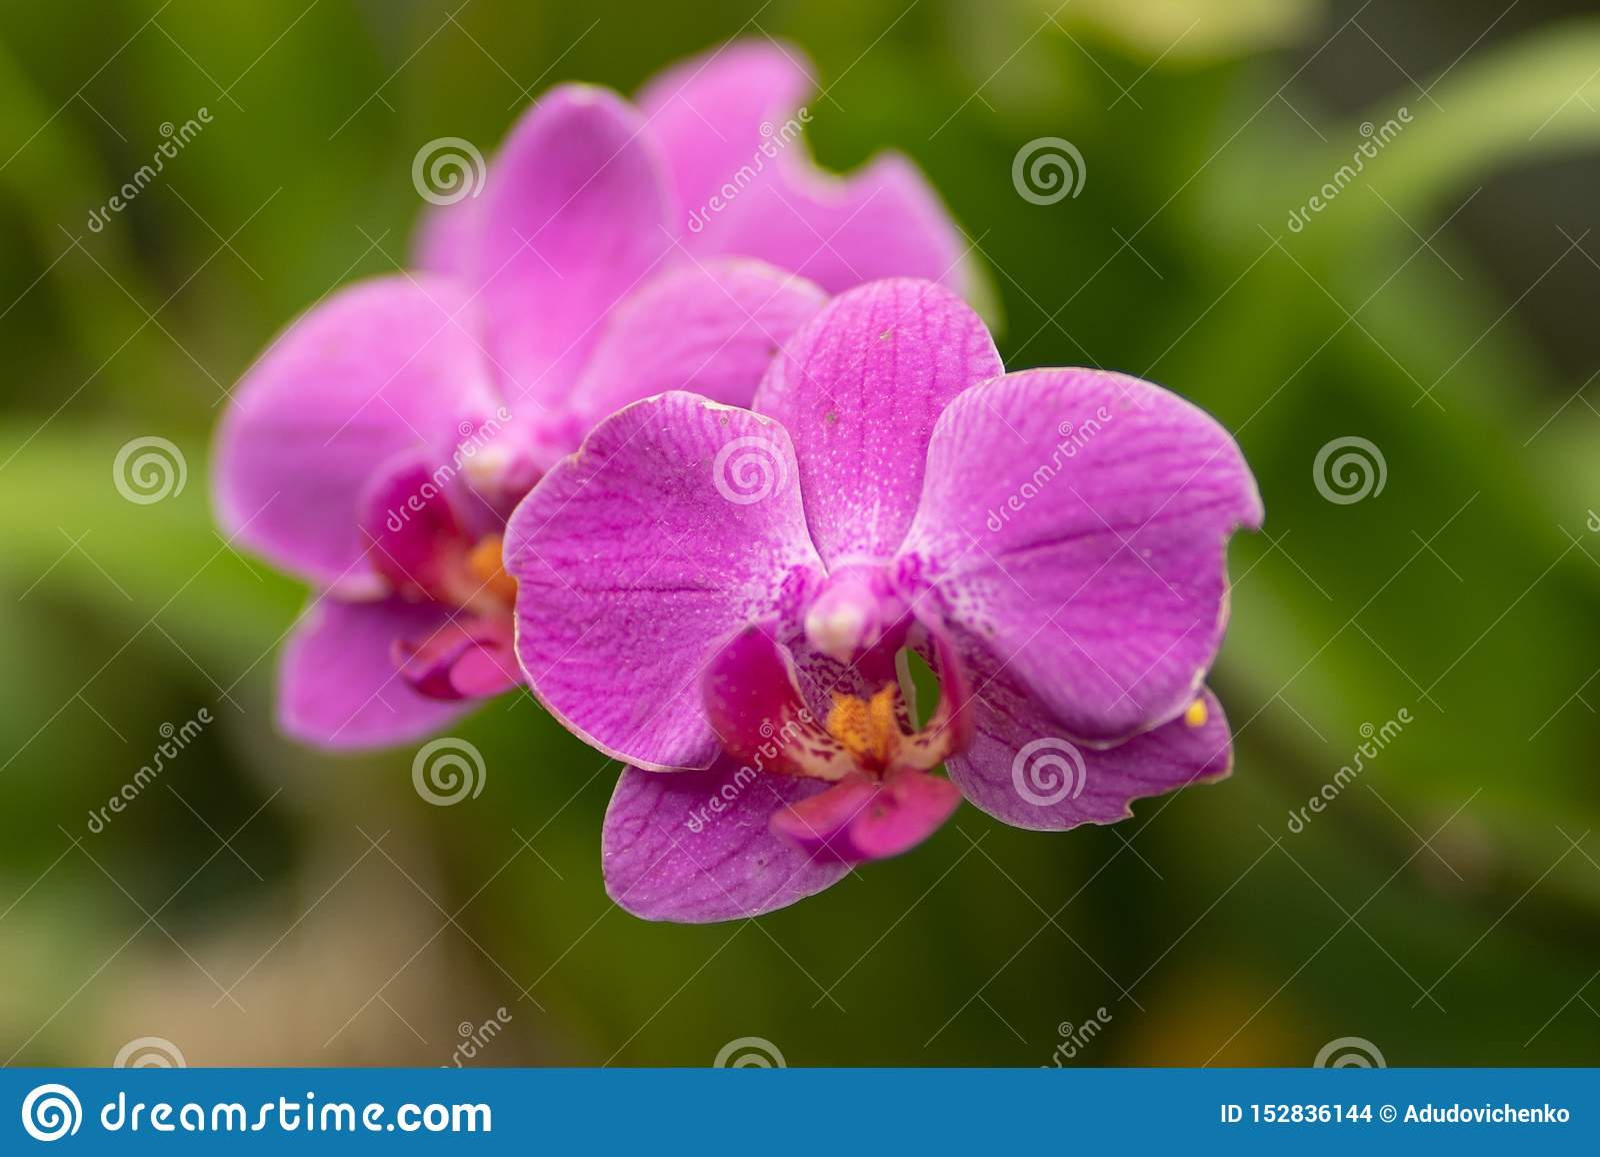 Розовый фаленопсис, розовый конец орхидеи вверх в мягком фокусе